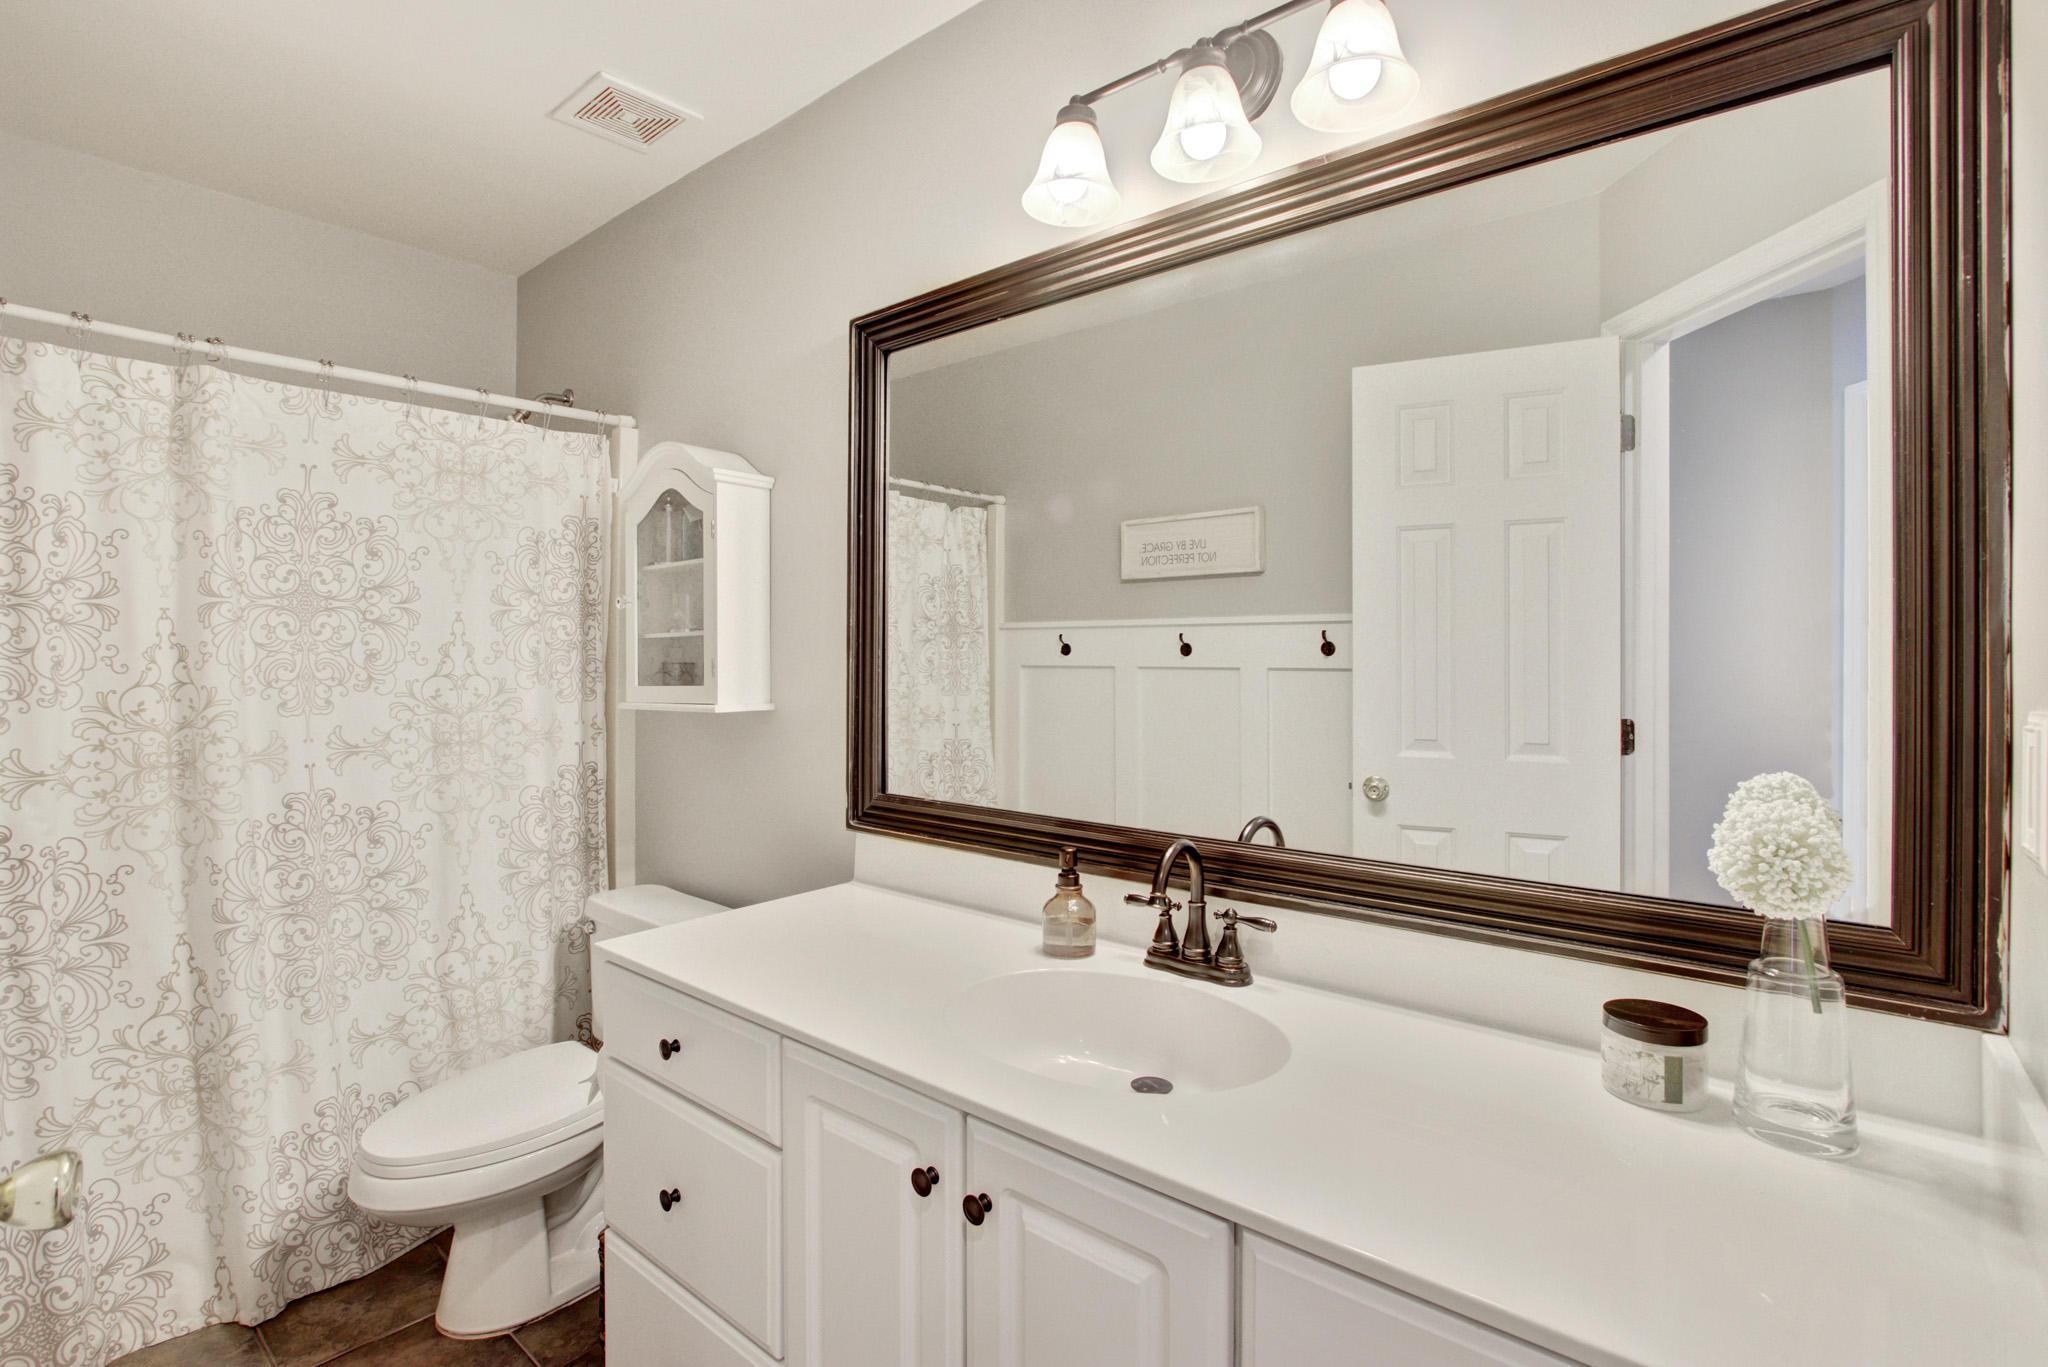 Dunes West Homes For Sale - 1425 Water Oak Cut, Mount Pleasant, SC - 2